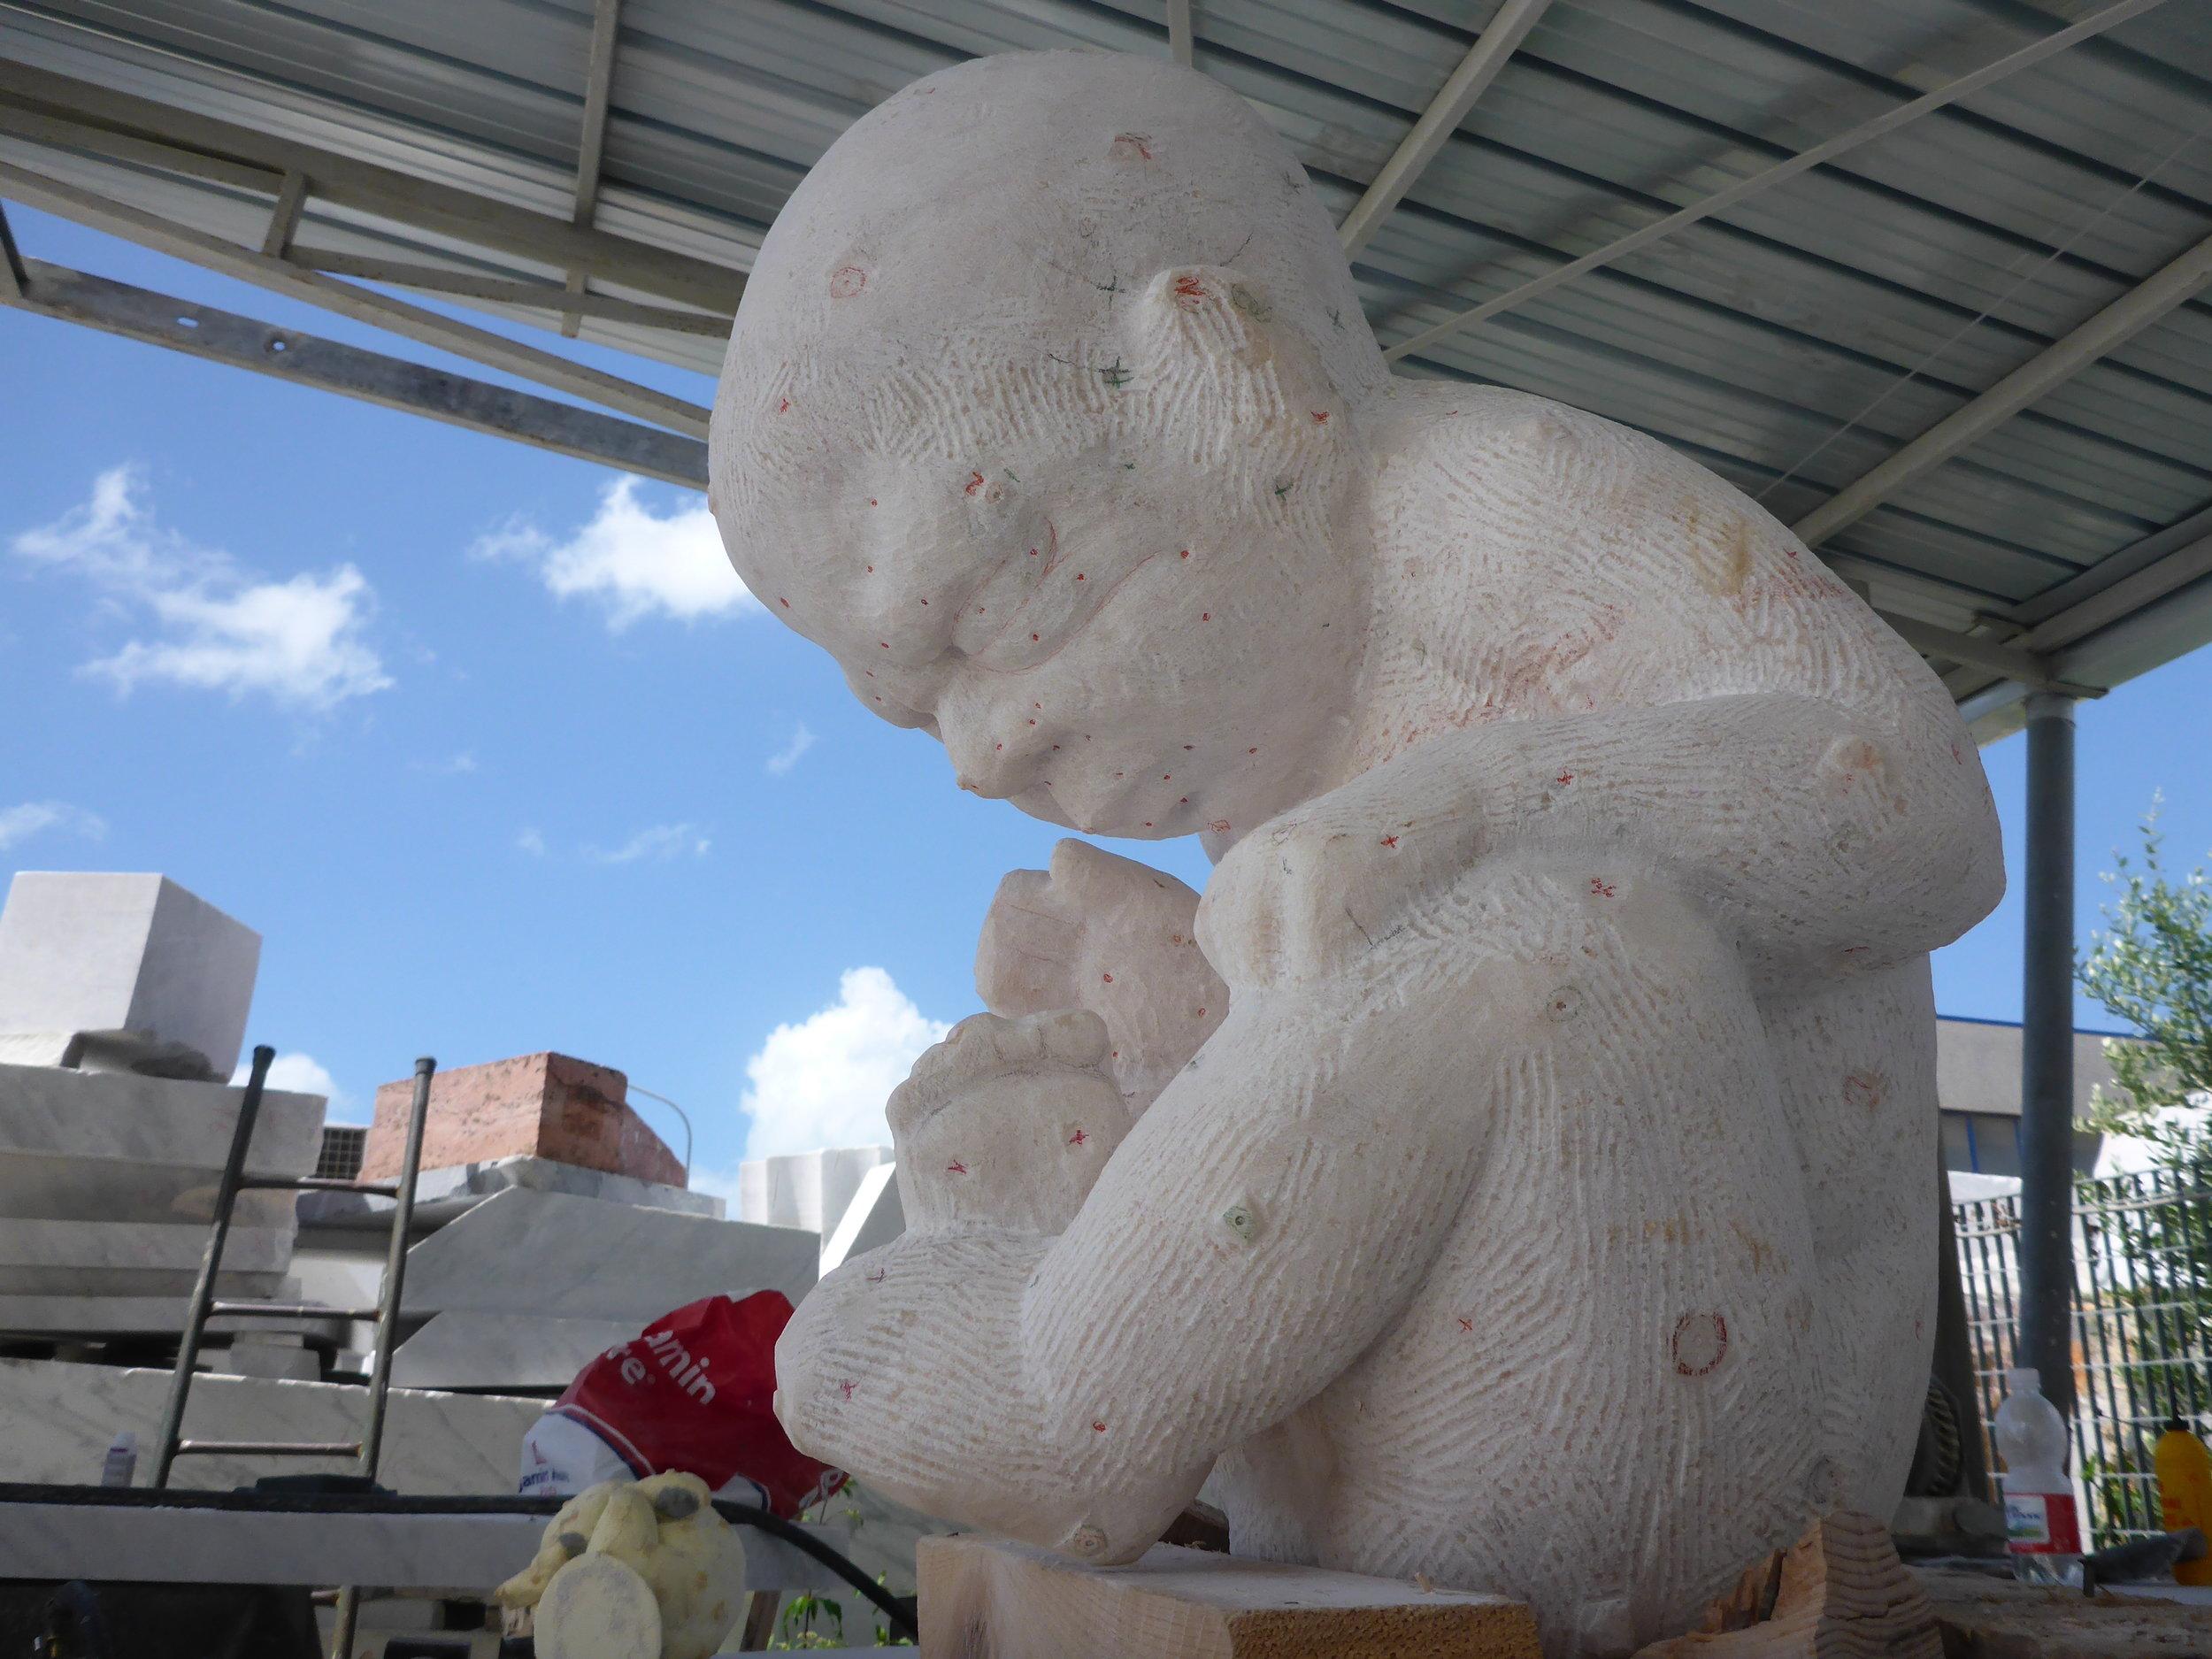 New-York-Academy-of-Art-Carrara-Residency-Josh-Henderson-Heena-Kim20140709_0129.JPG